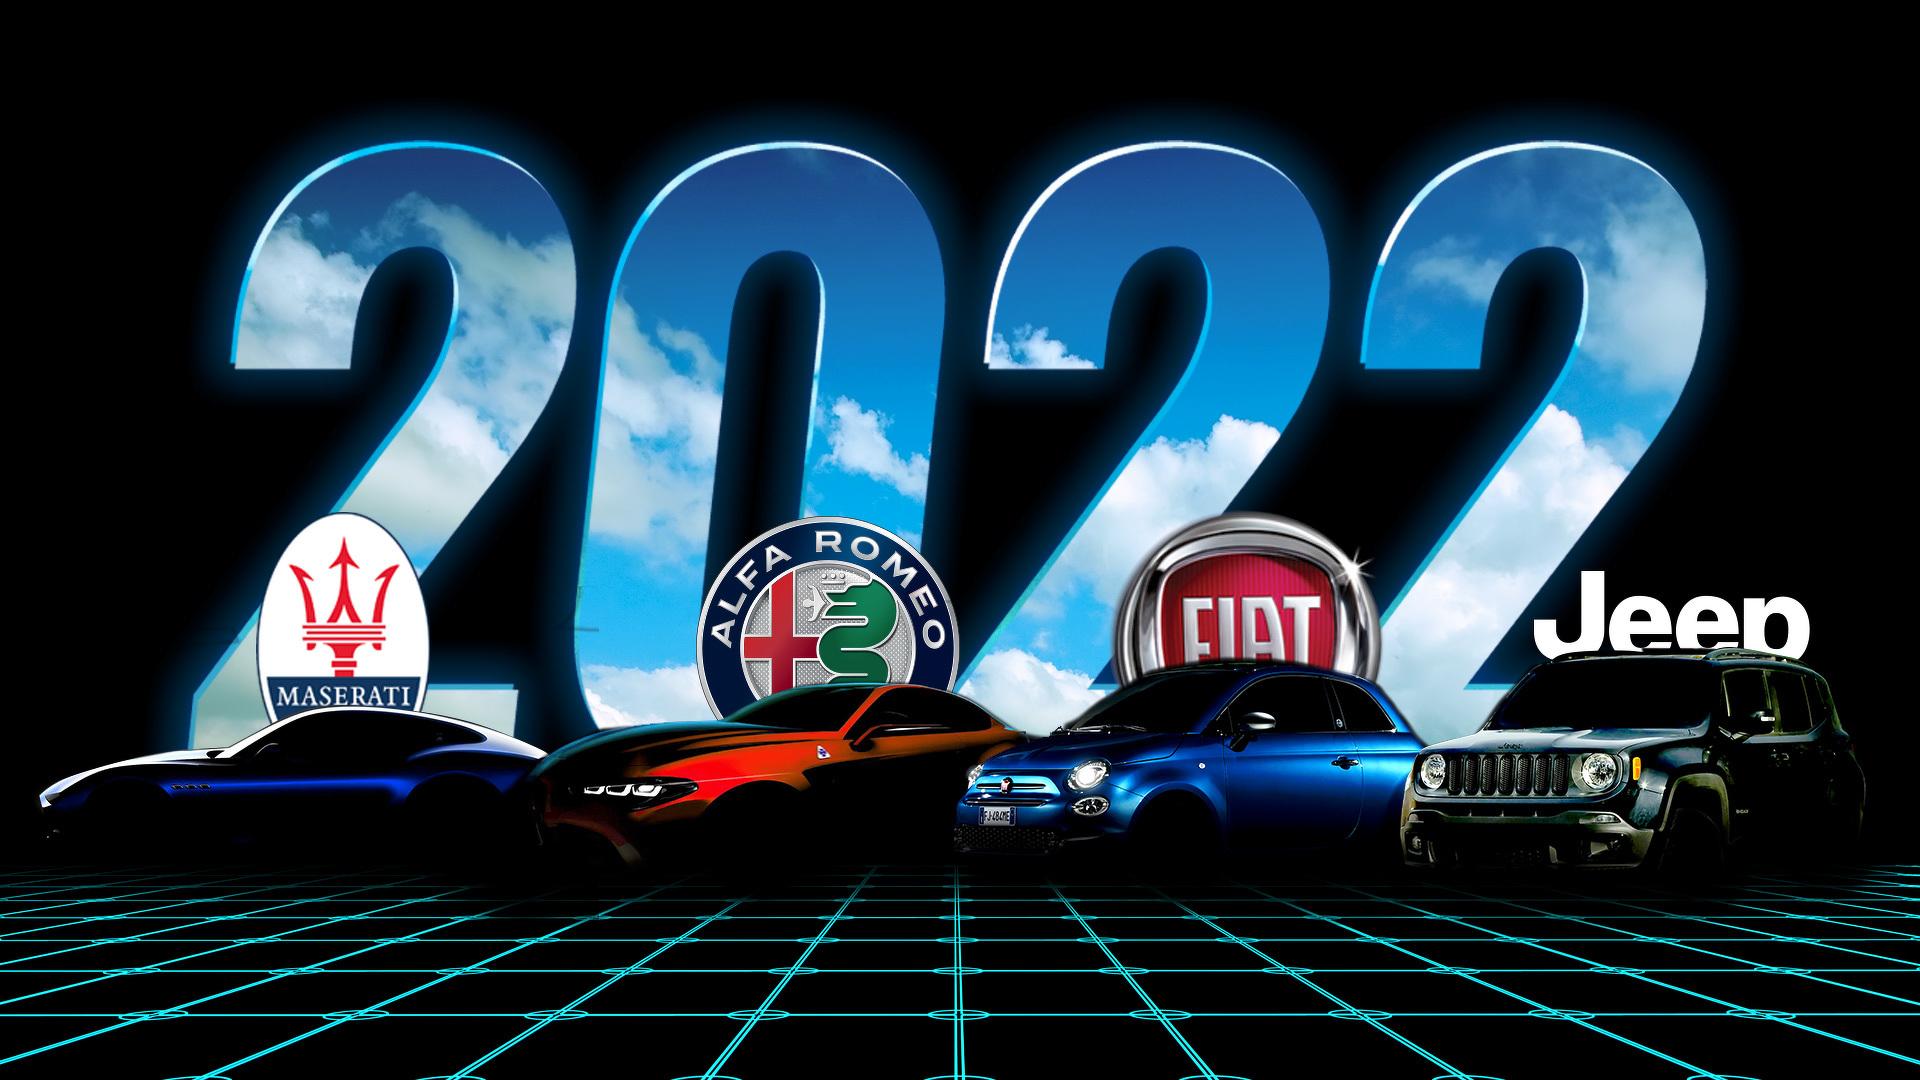 Fca Tutte Le Auto Ibride Ed Elettriche Fino Al 2022